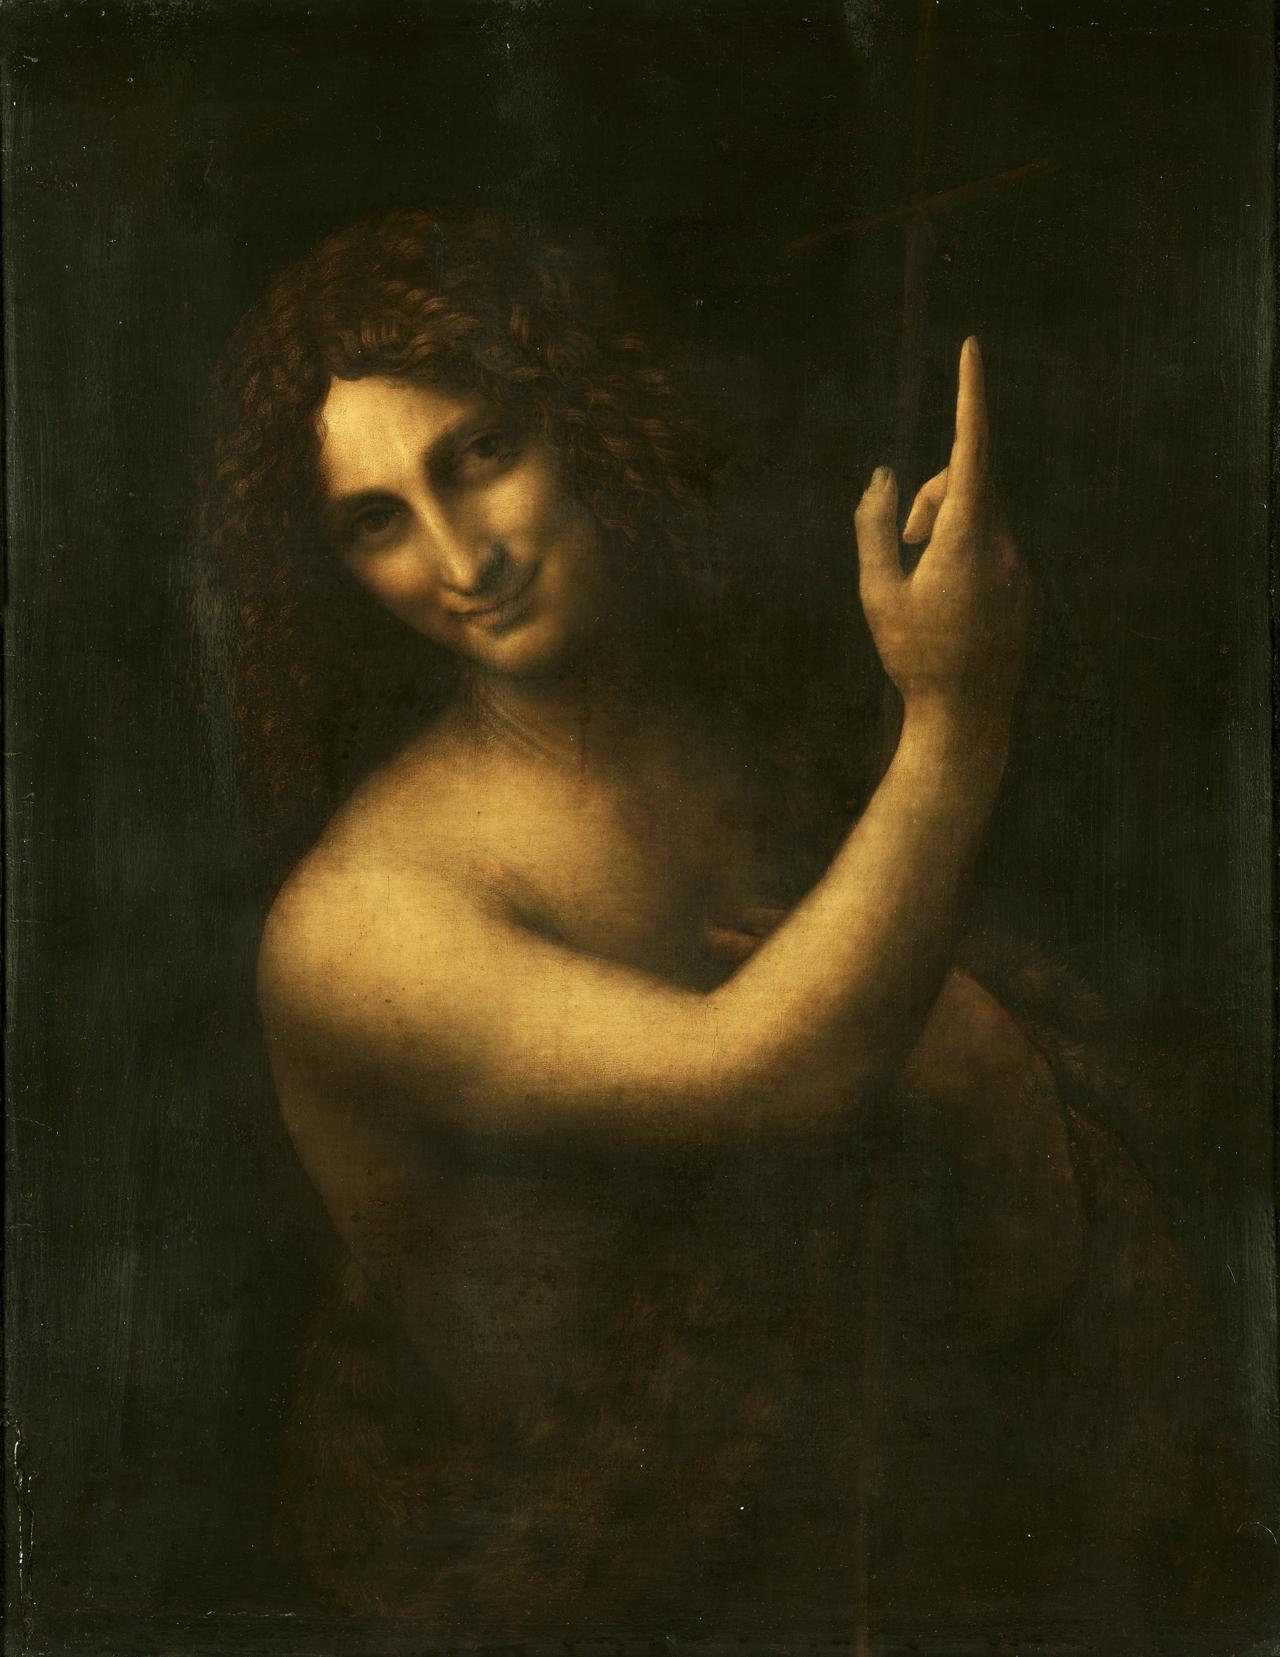 施洗者圣约翰 意大利 达芬奇 法国,巴黎,卢浮宫藏